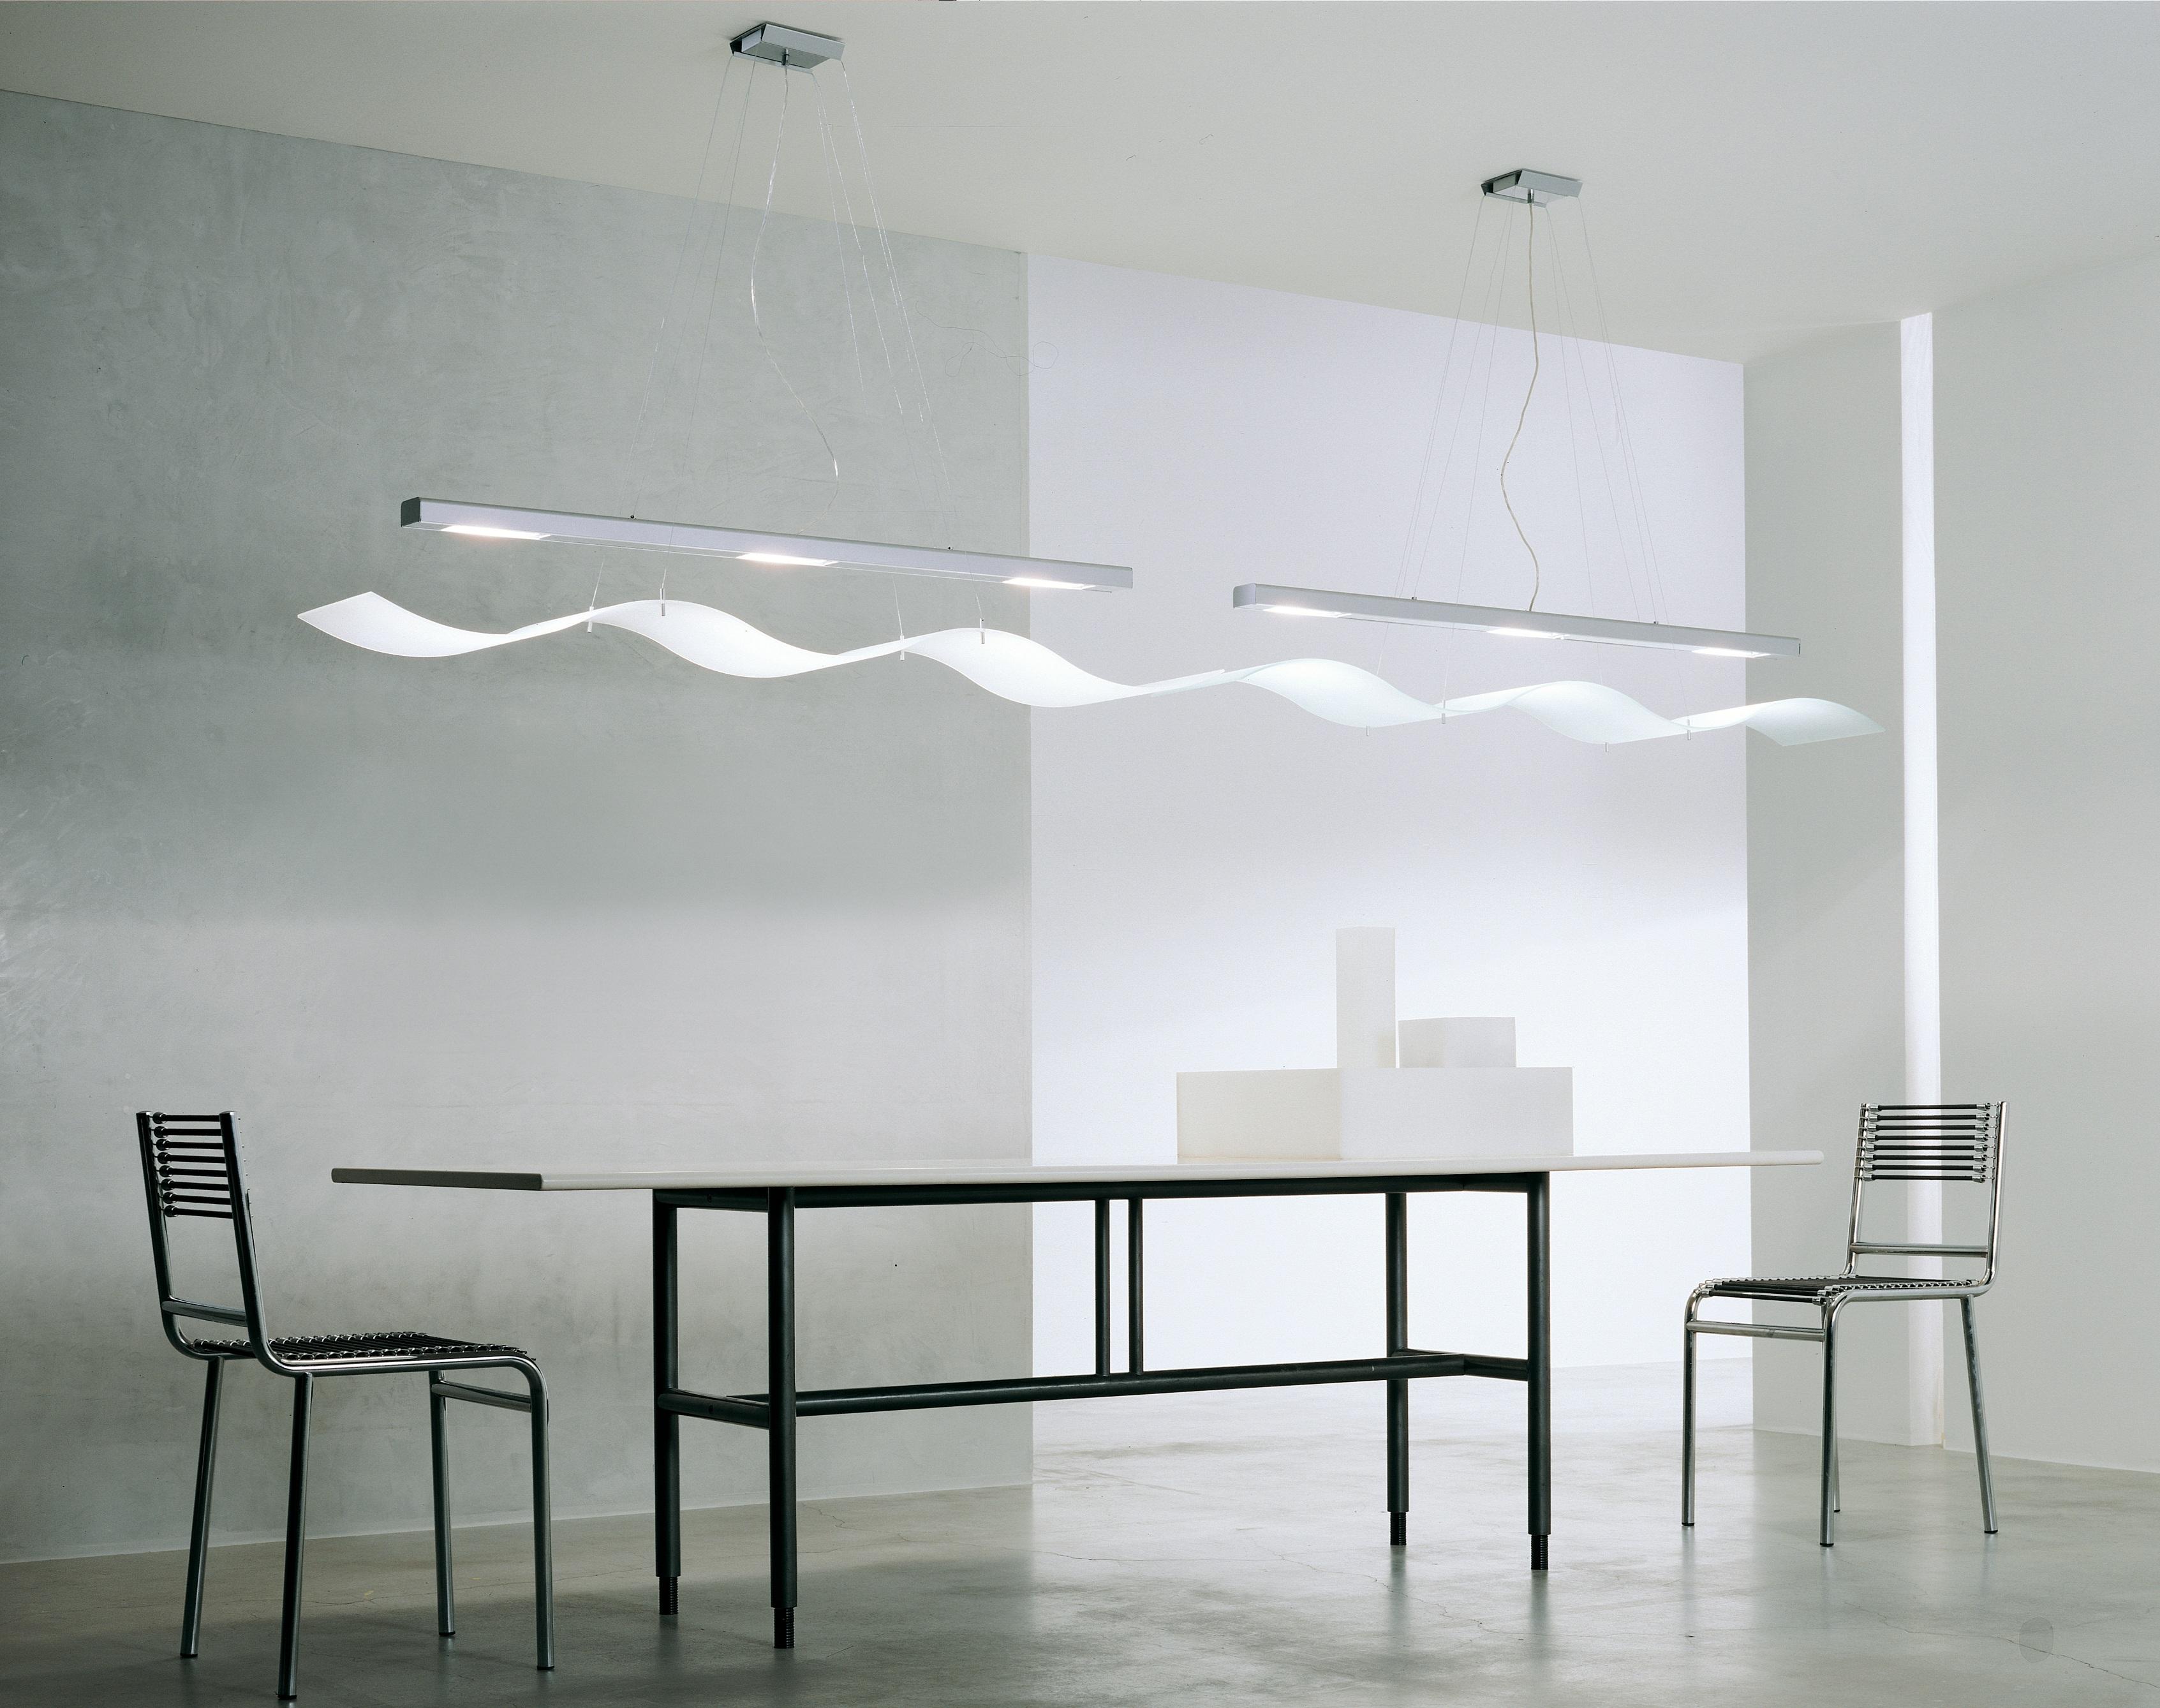 Immagini belle tavolo leggero bianca pavimento parete